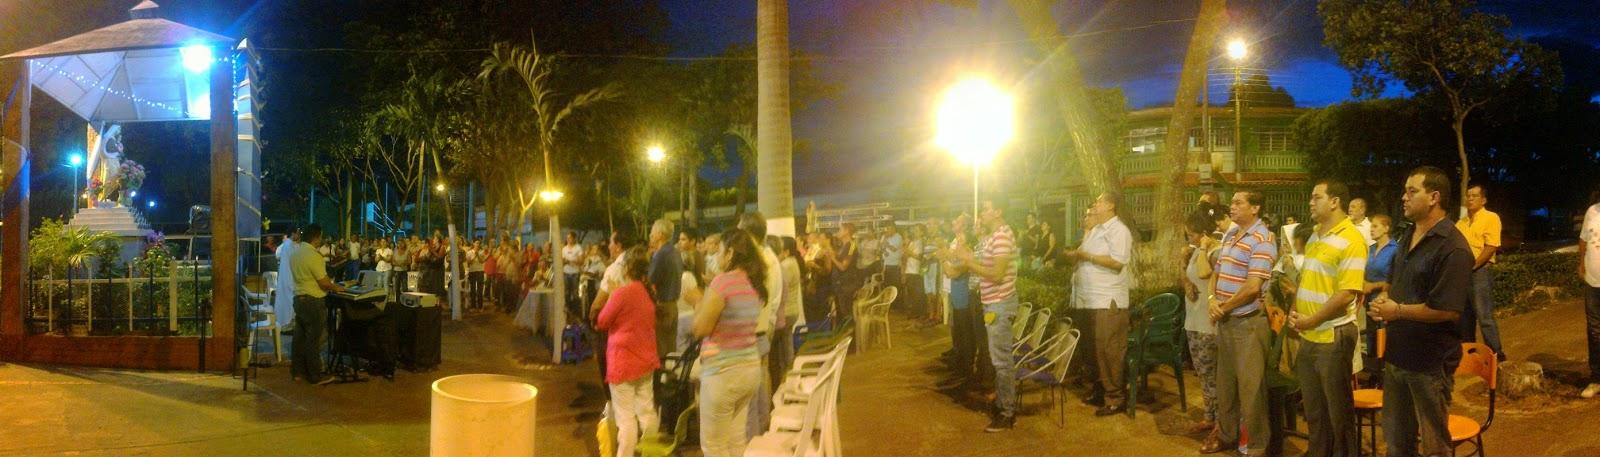 Catolicos de Comuneros-Cúcuta celebran fiesta de la Virgen del Carmen 2014 Foto: Félix Contreras, presidente de la ONG ATALAYA ECOTURISTICA OngAE 16Jul2014